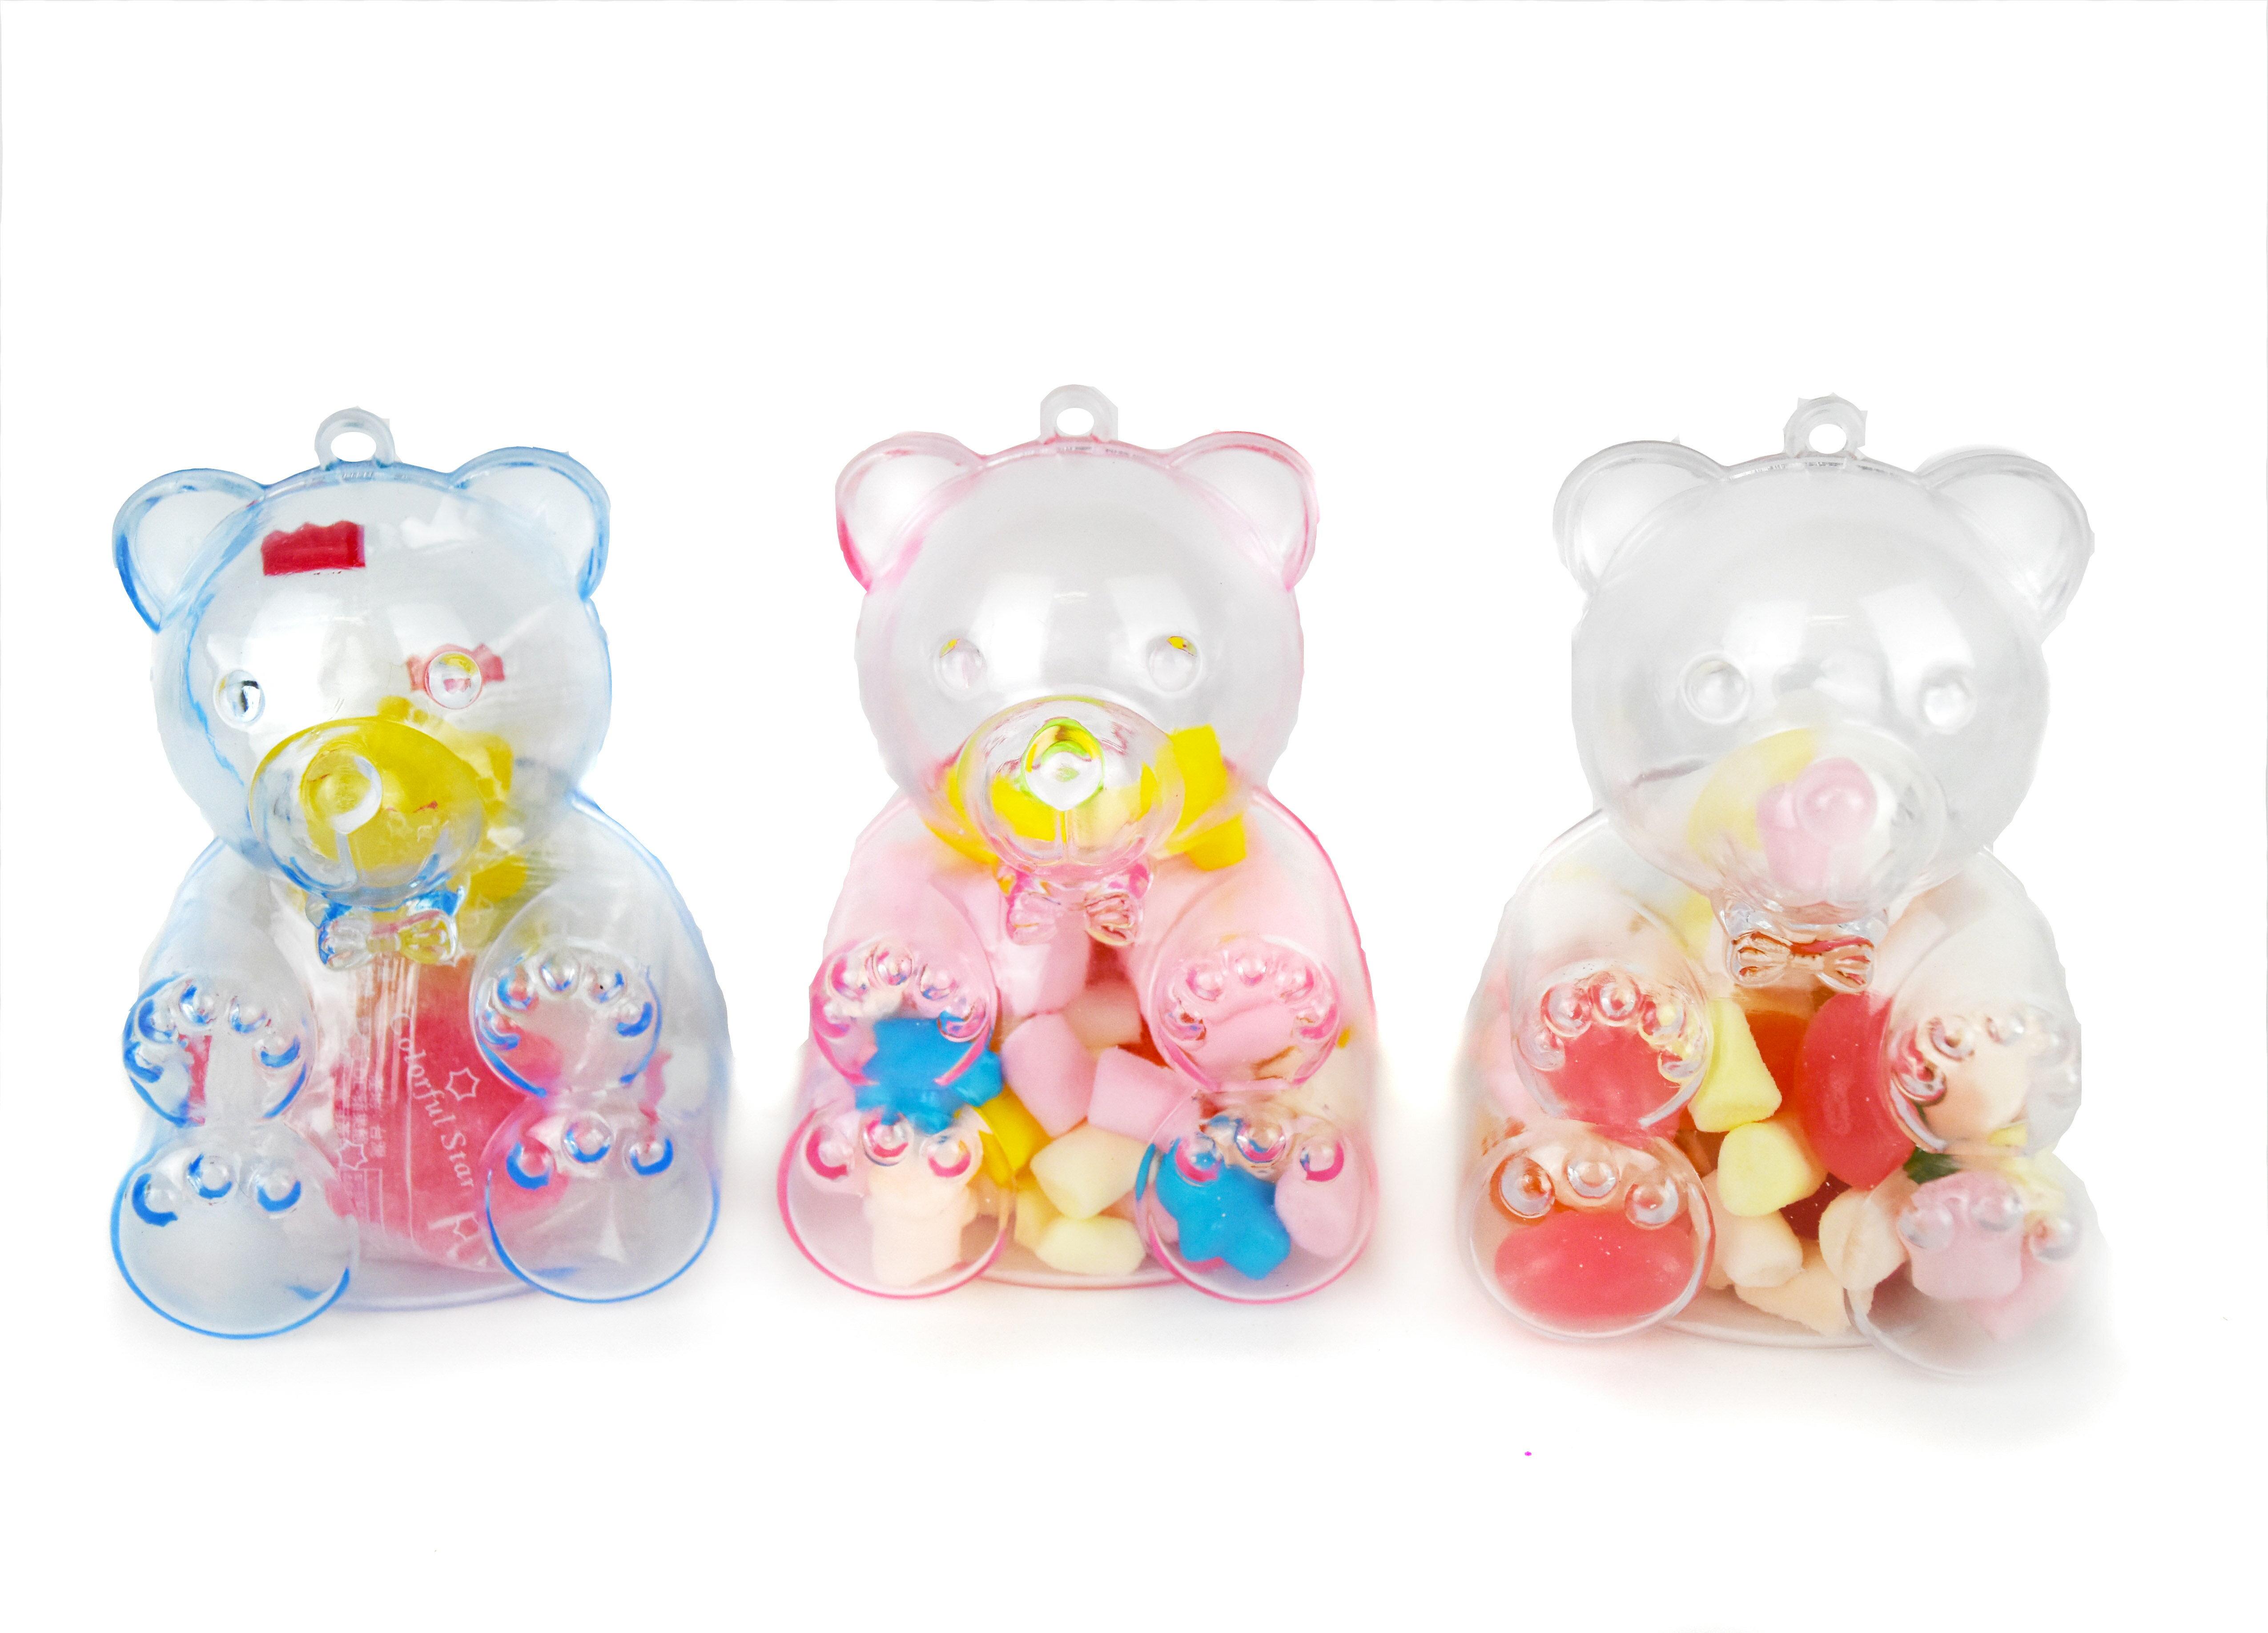 X射線【Y040003】小熊糖果組(不挑色),糖果襪/糖果罐/聖誕節/交換禮物/婚禮小物/兒童節/禮物/